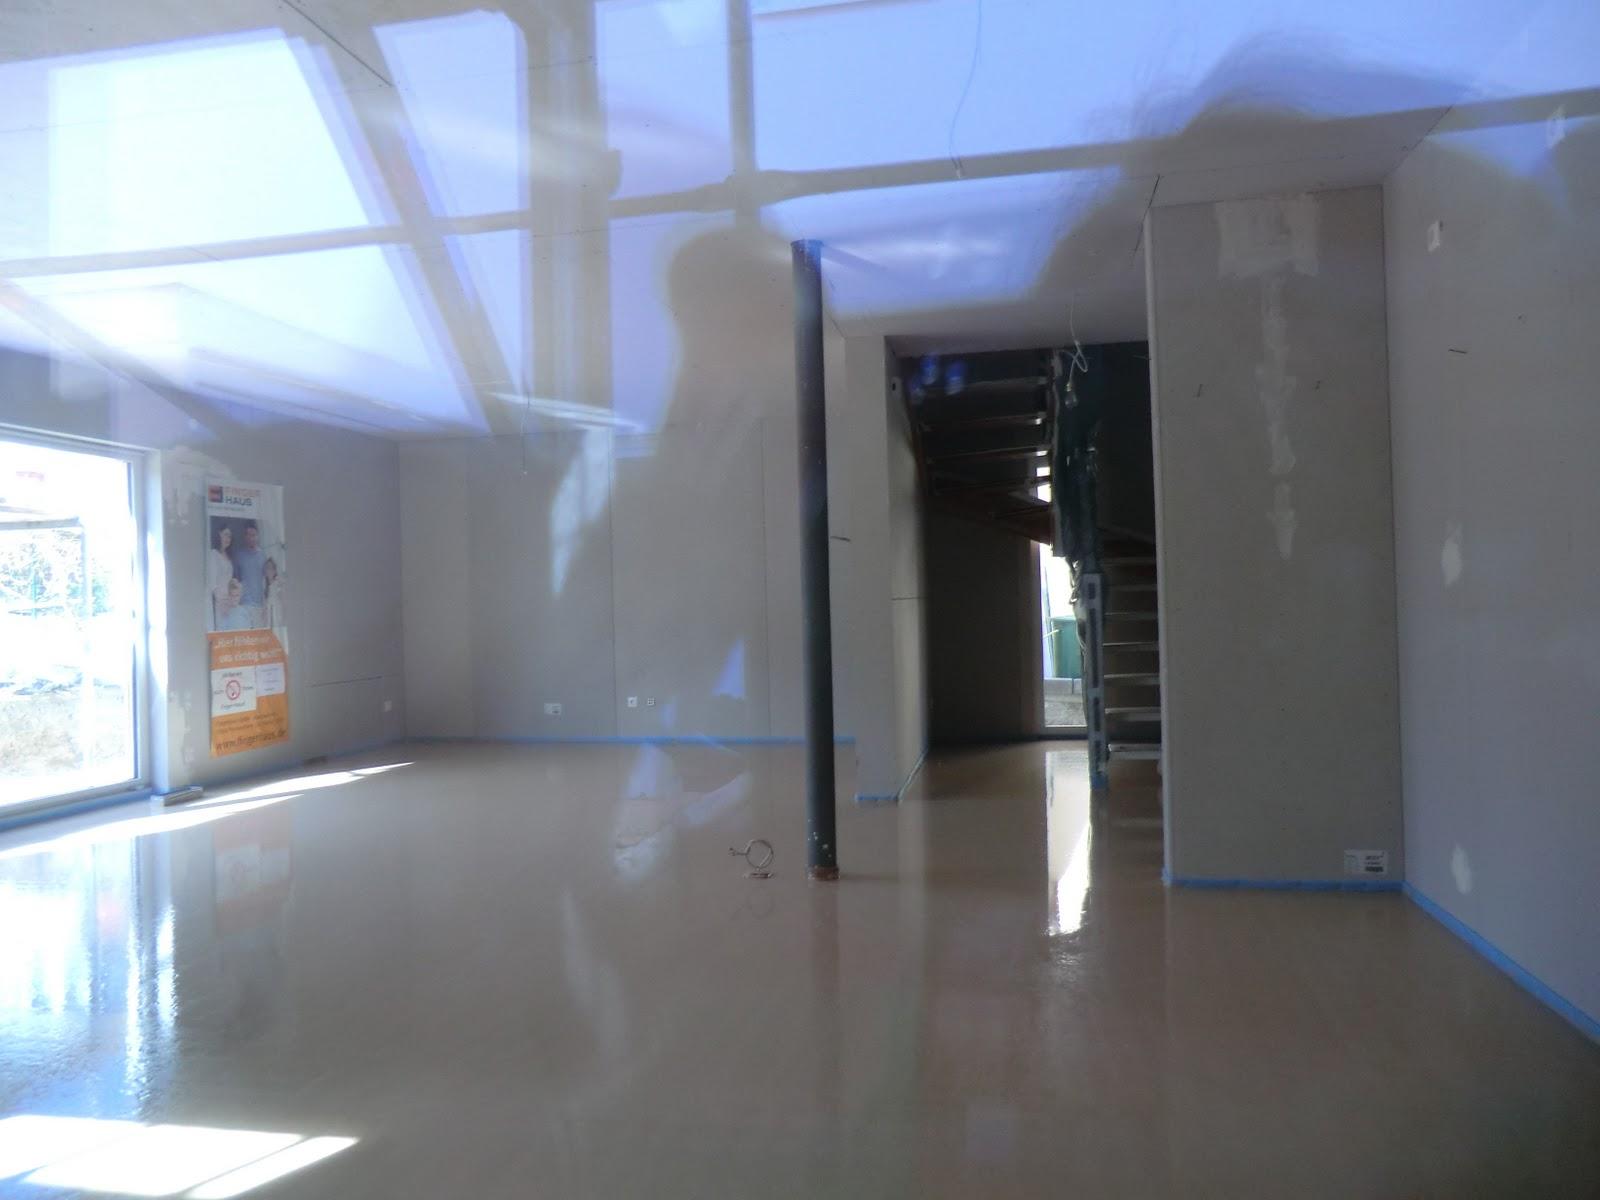 fingerhaus wir bauen m rz 2011. Black Bedroom Furniture Sets. Home Design Ideas